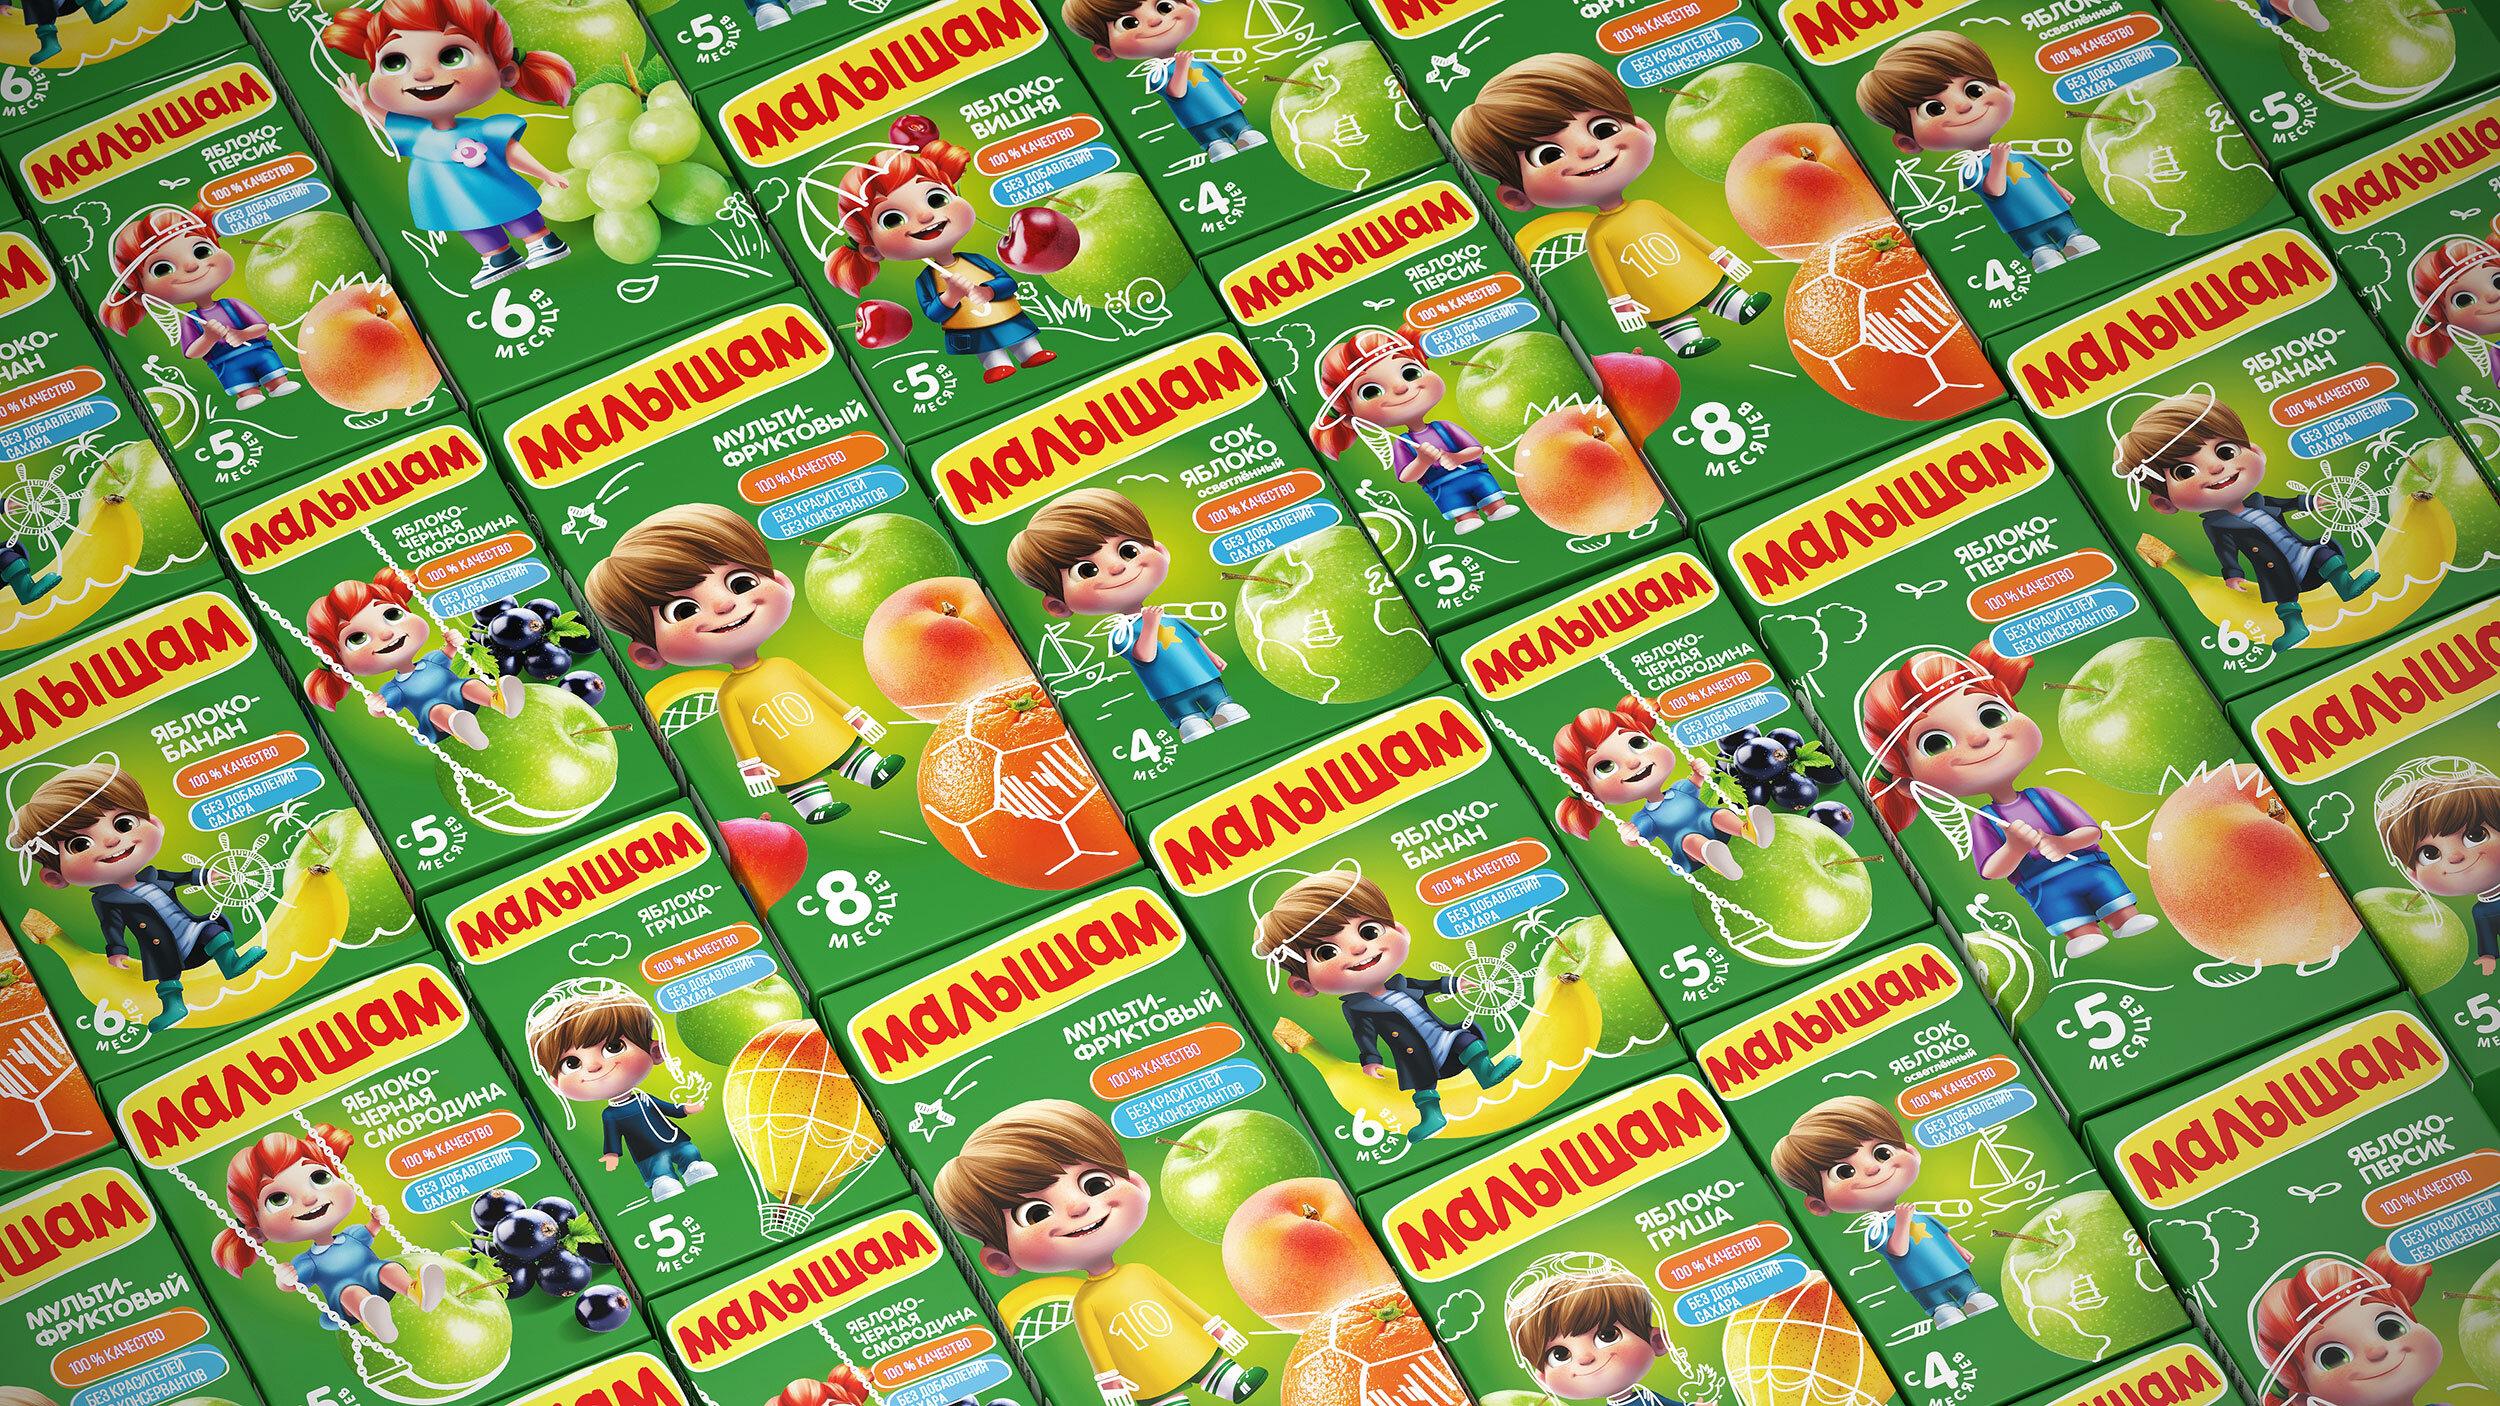 В рамках редизайна продукта были переработаны сами фрукты. Теперь они приобрели более естественный и натуральный вид. Новая зеленая цветовая гамма, сделала продукт ярким и узнаваемым. Иная цветовая гамма создала другое  эмоциональное  восприятие продукта для детей. Тем более, согласно последним исследованиям, именно зеленый цвет быстрее распознается человеческим глазом на полках магазинов.  Изменения коснулись и самого логотипа. Перед агентством BQB стояла непростая задача: изменить имеющийся фирменный знак так, чтобы не потерять цветовое наполнение и историческую узнаваемость. В новом рестайлинге самого логотипа мы опирались прежде всего на предпочтения целевой аудитории. Отсюда игривый леттеринг и измененное расположение логотипа. В итоге, новая упаковка позволяет сокам выглядеть позитивно и современно.